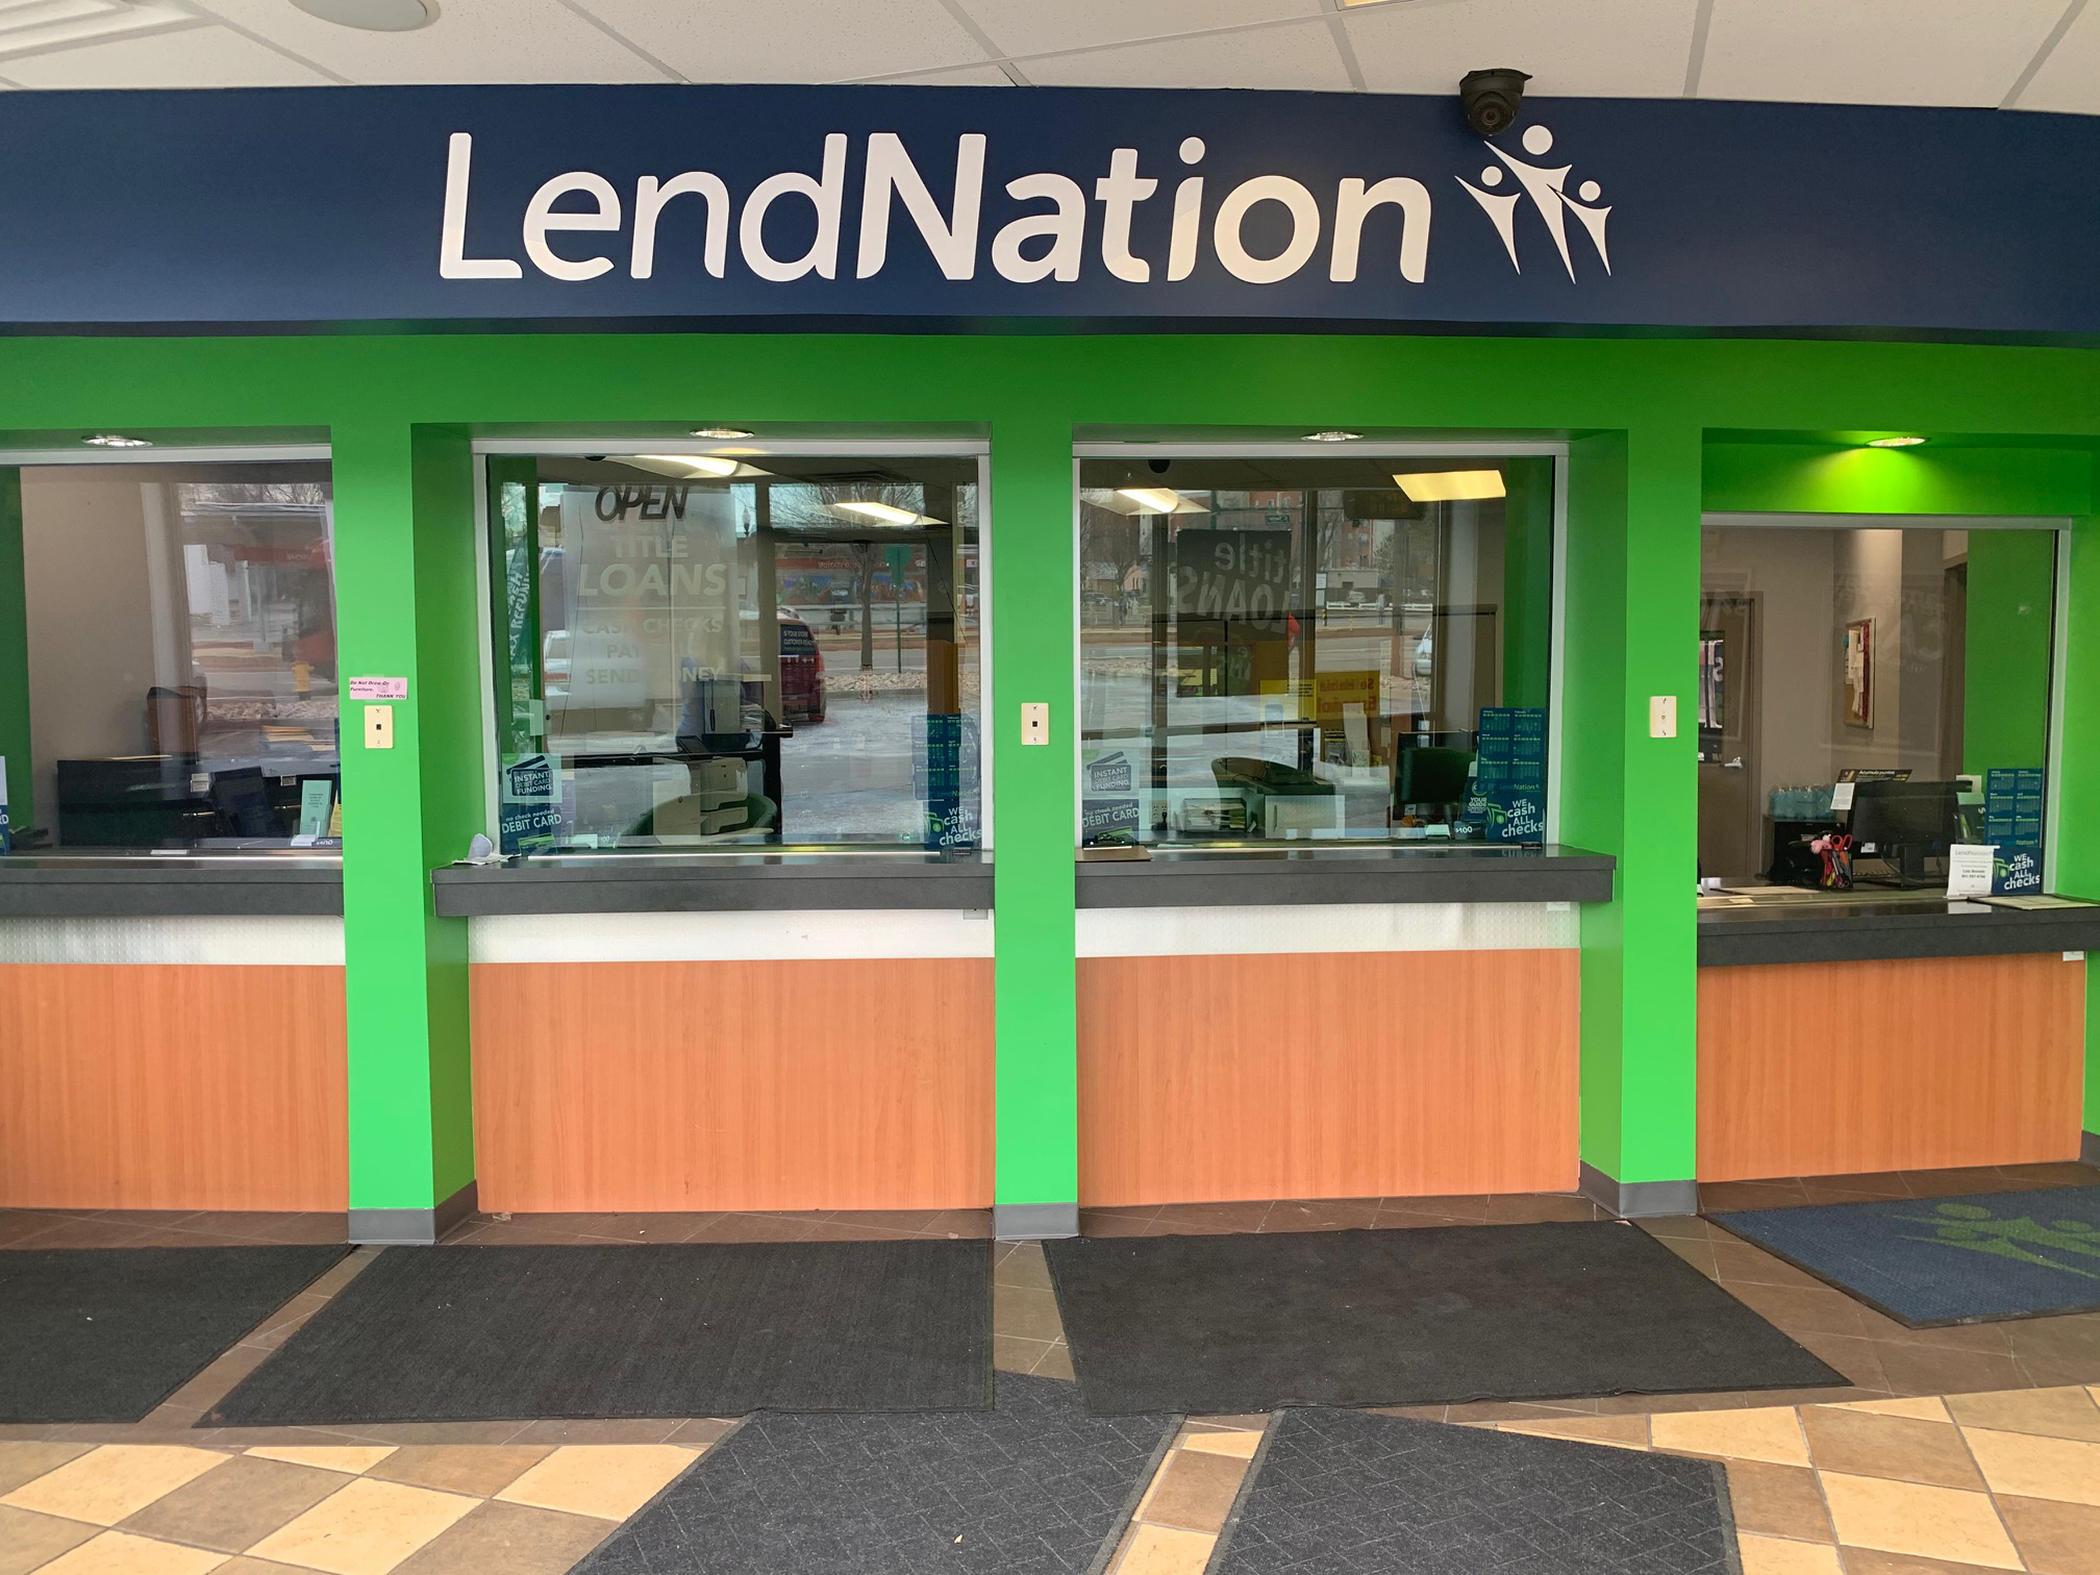 LendNation